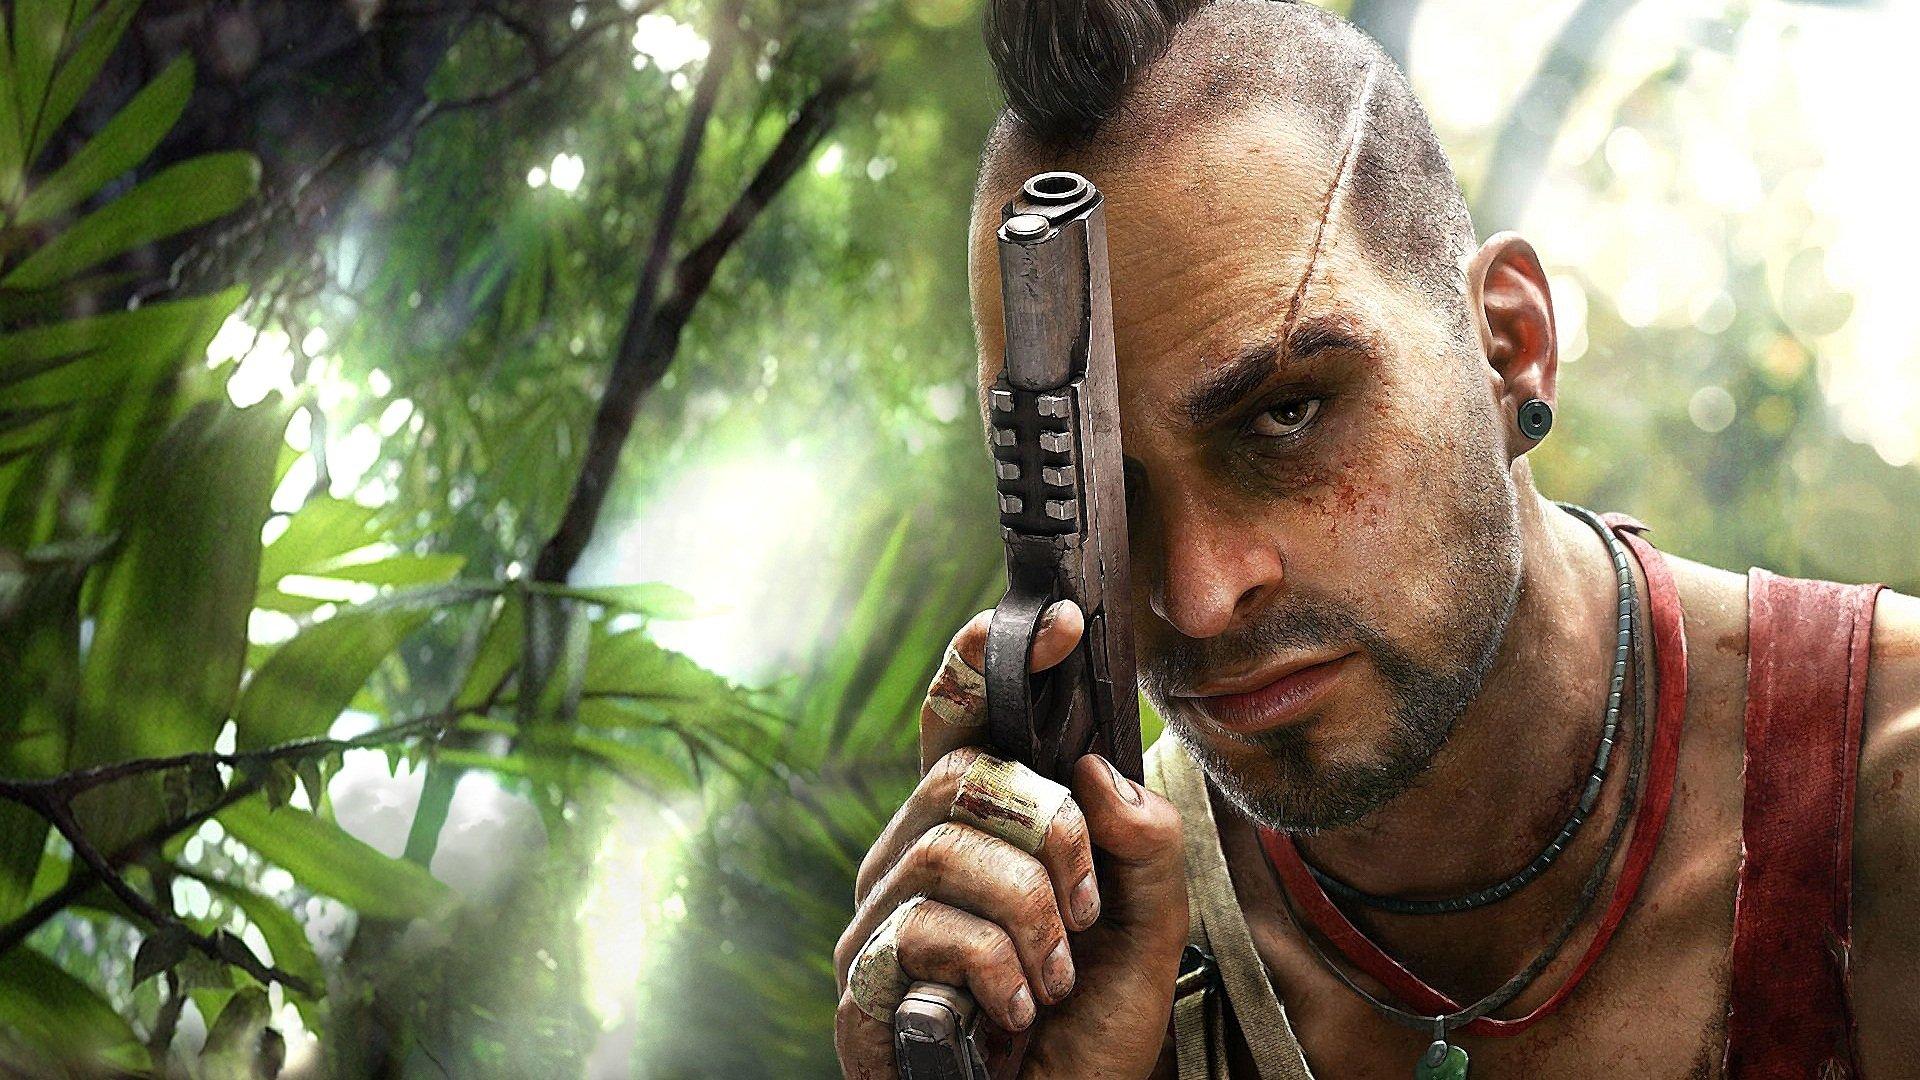 Знаете, что такое безумие? Майкл Мэндо намекнул, что вернется к роли Вааса из Far Cry 3